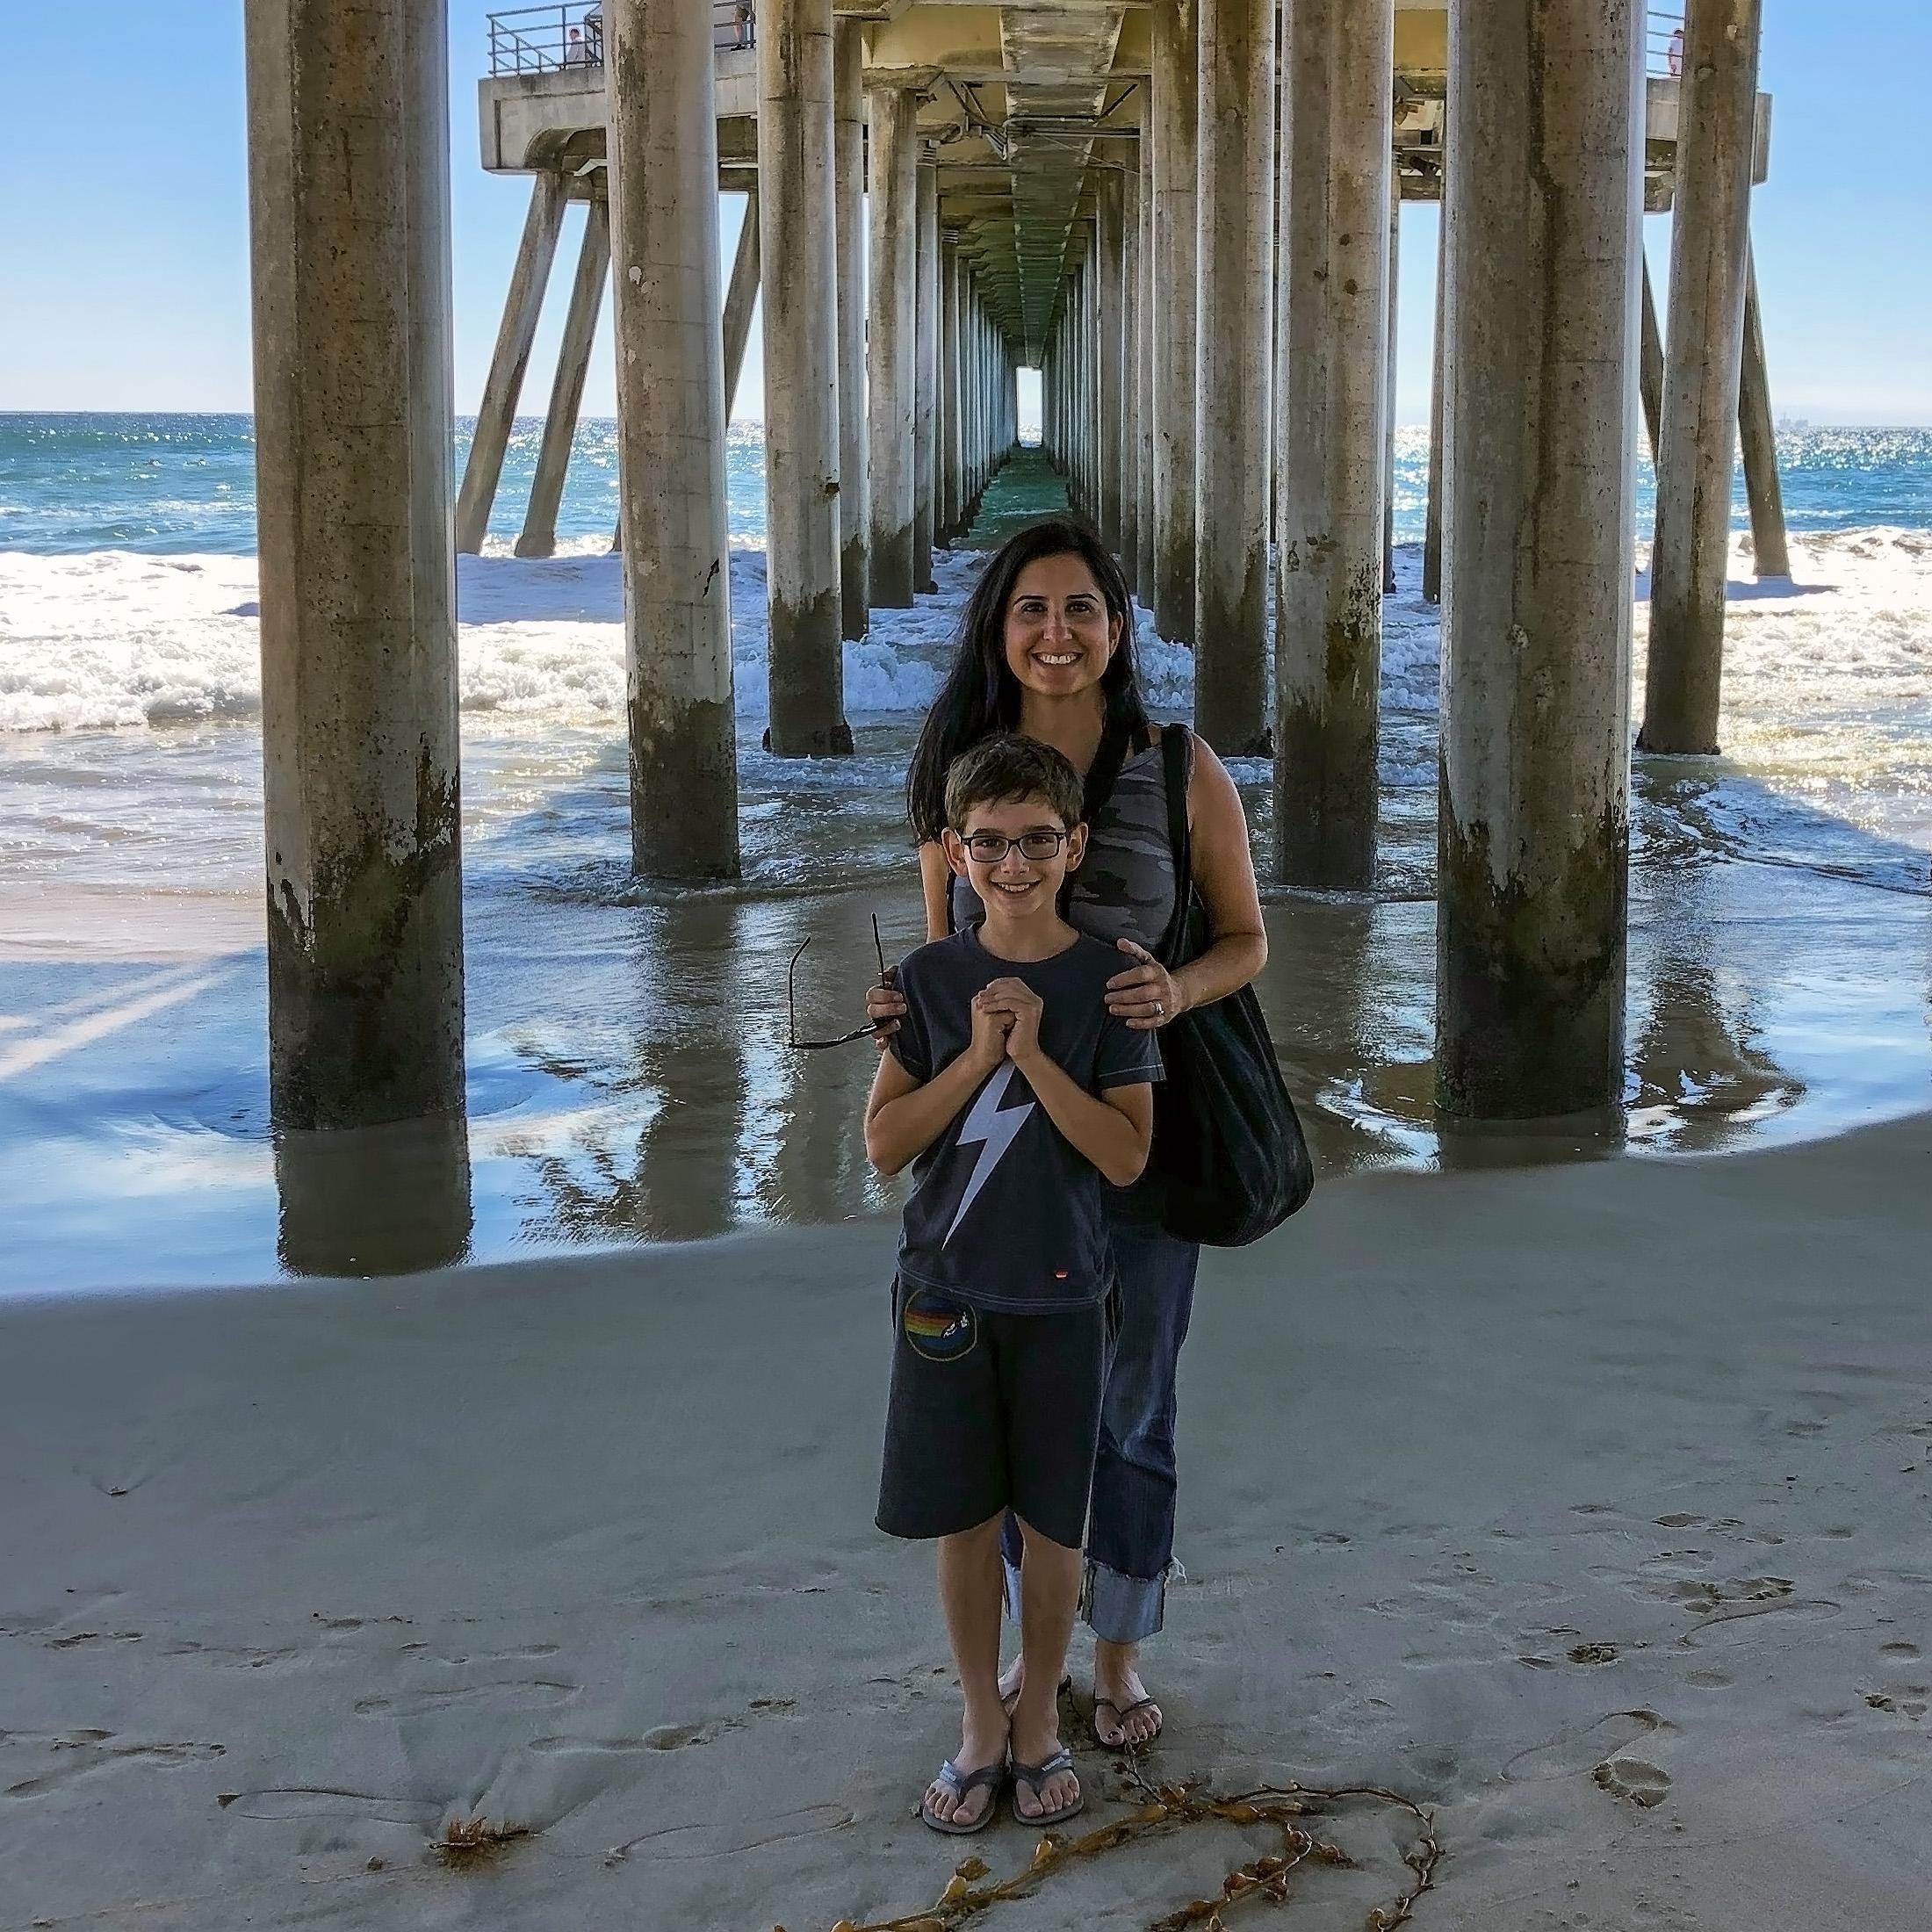 Christmas Tree Lane Los Angeles: Huntington Beach Pier Huntington Beach California